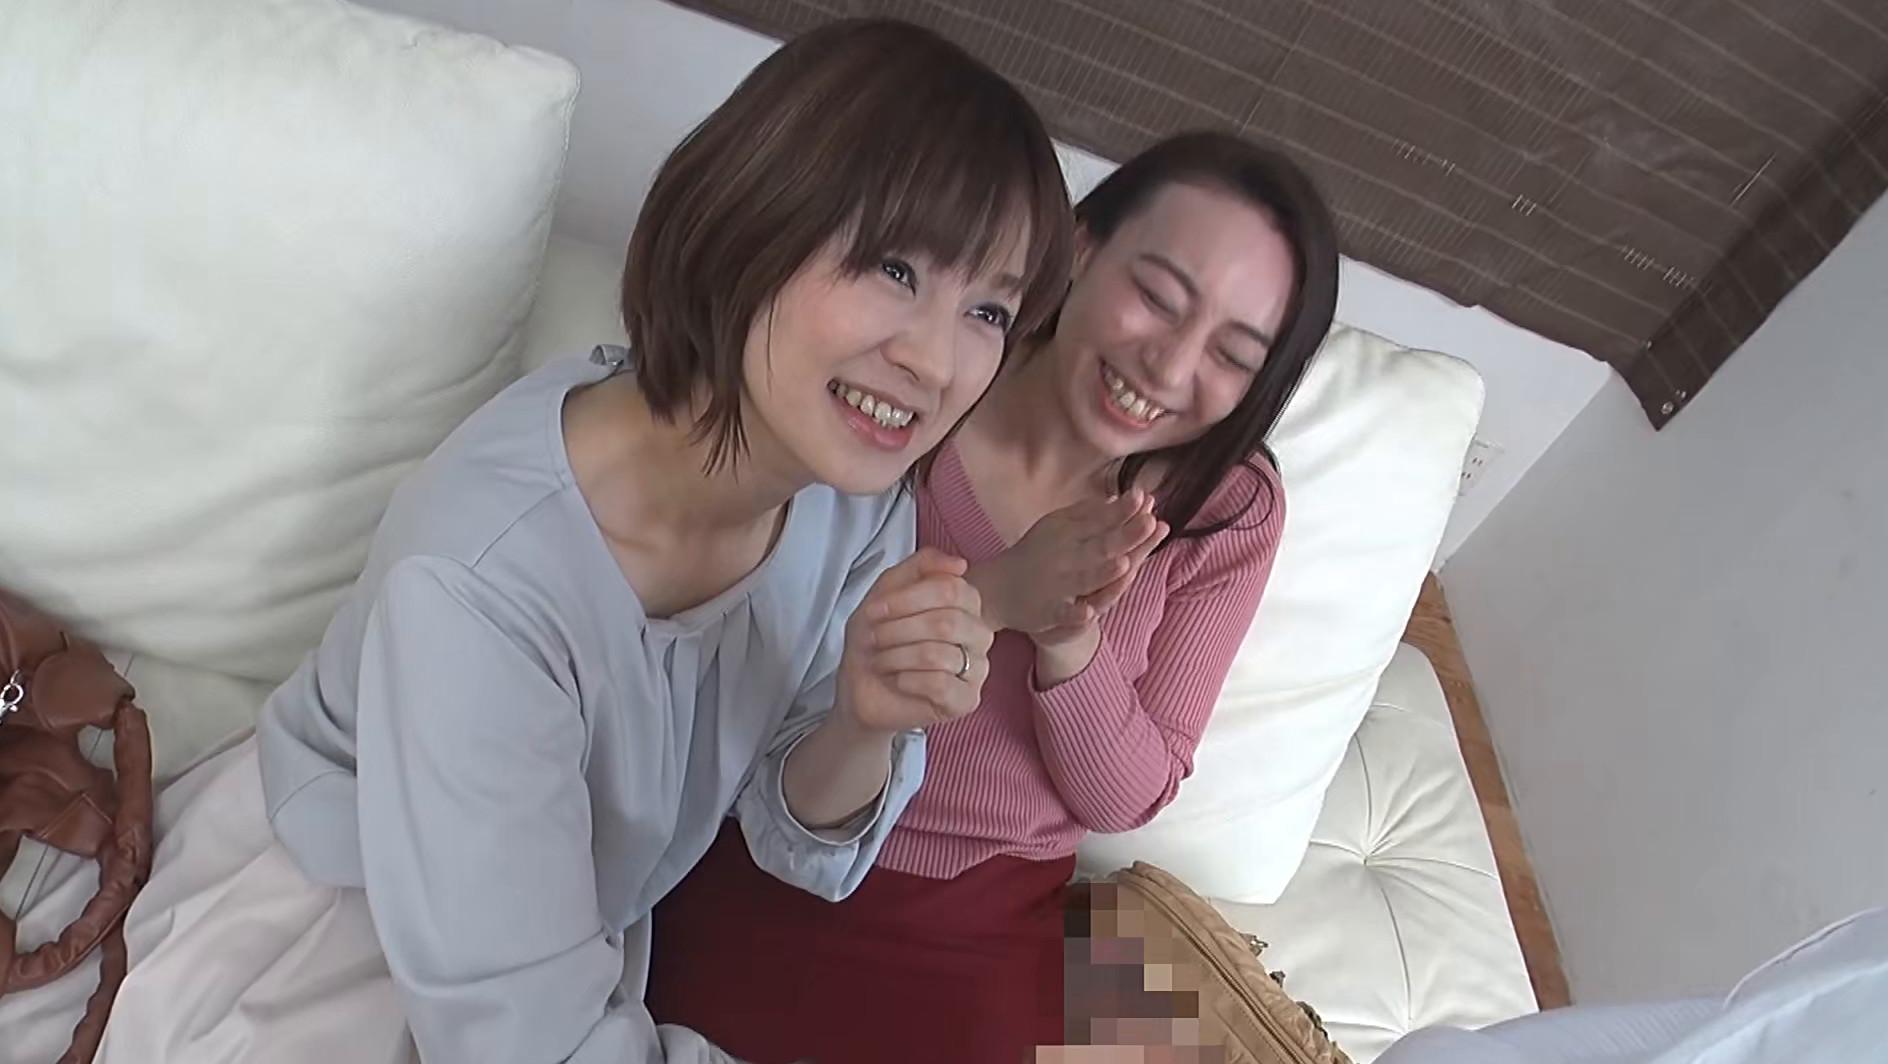 素人ナンパ中出し!!美熟女姉妹編 3 画像14